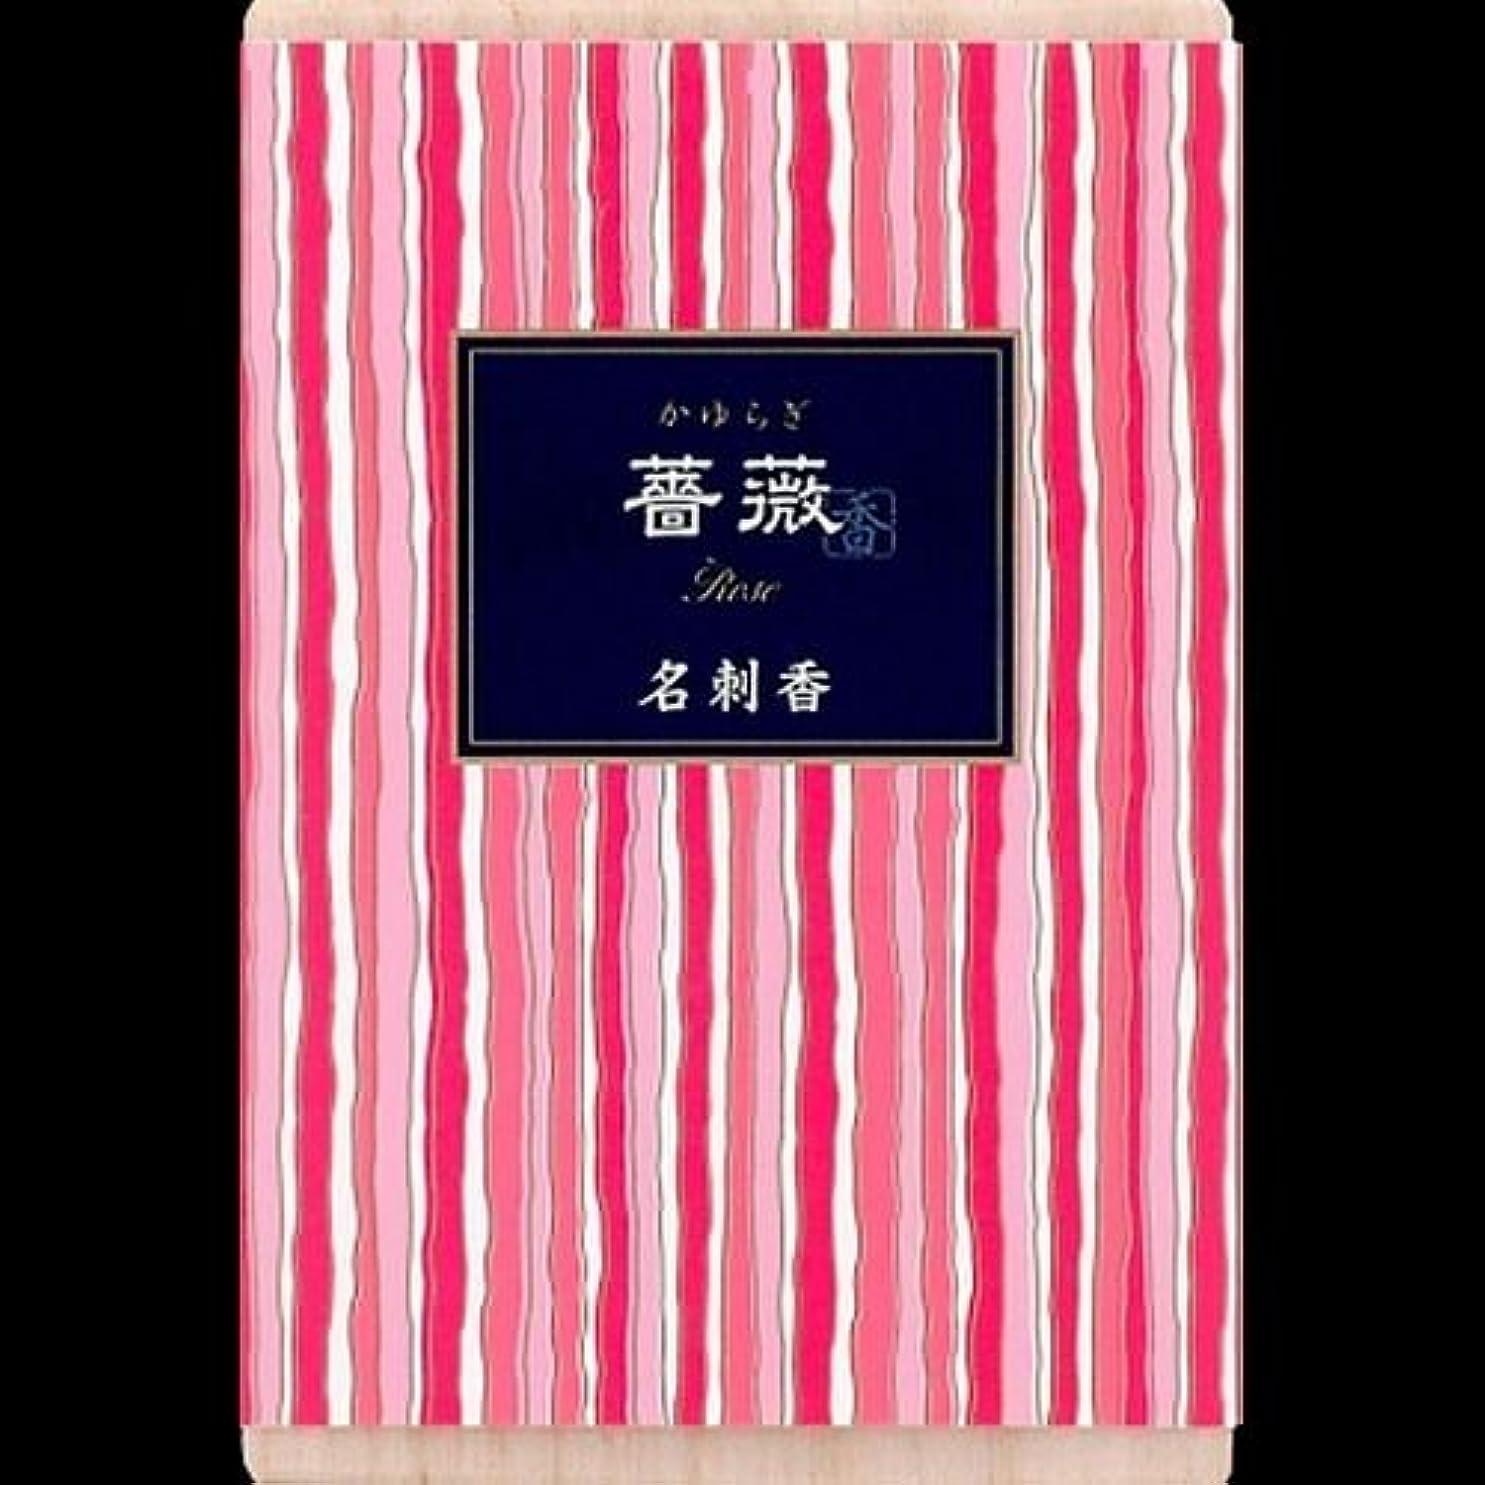 オーロック返済実験【まとめ買い】かゆらぎ 薔薇 名刺香 桐箱 6入 ×2セット